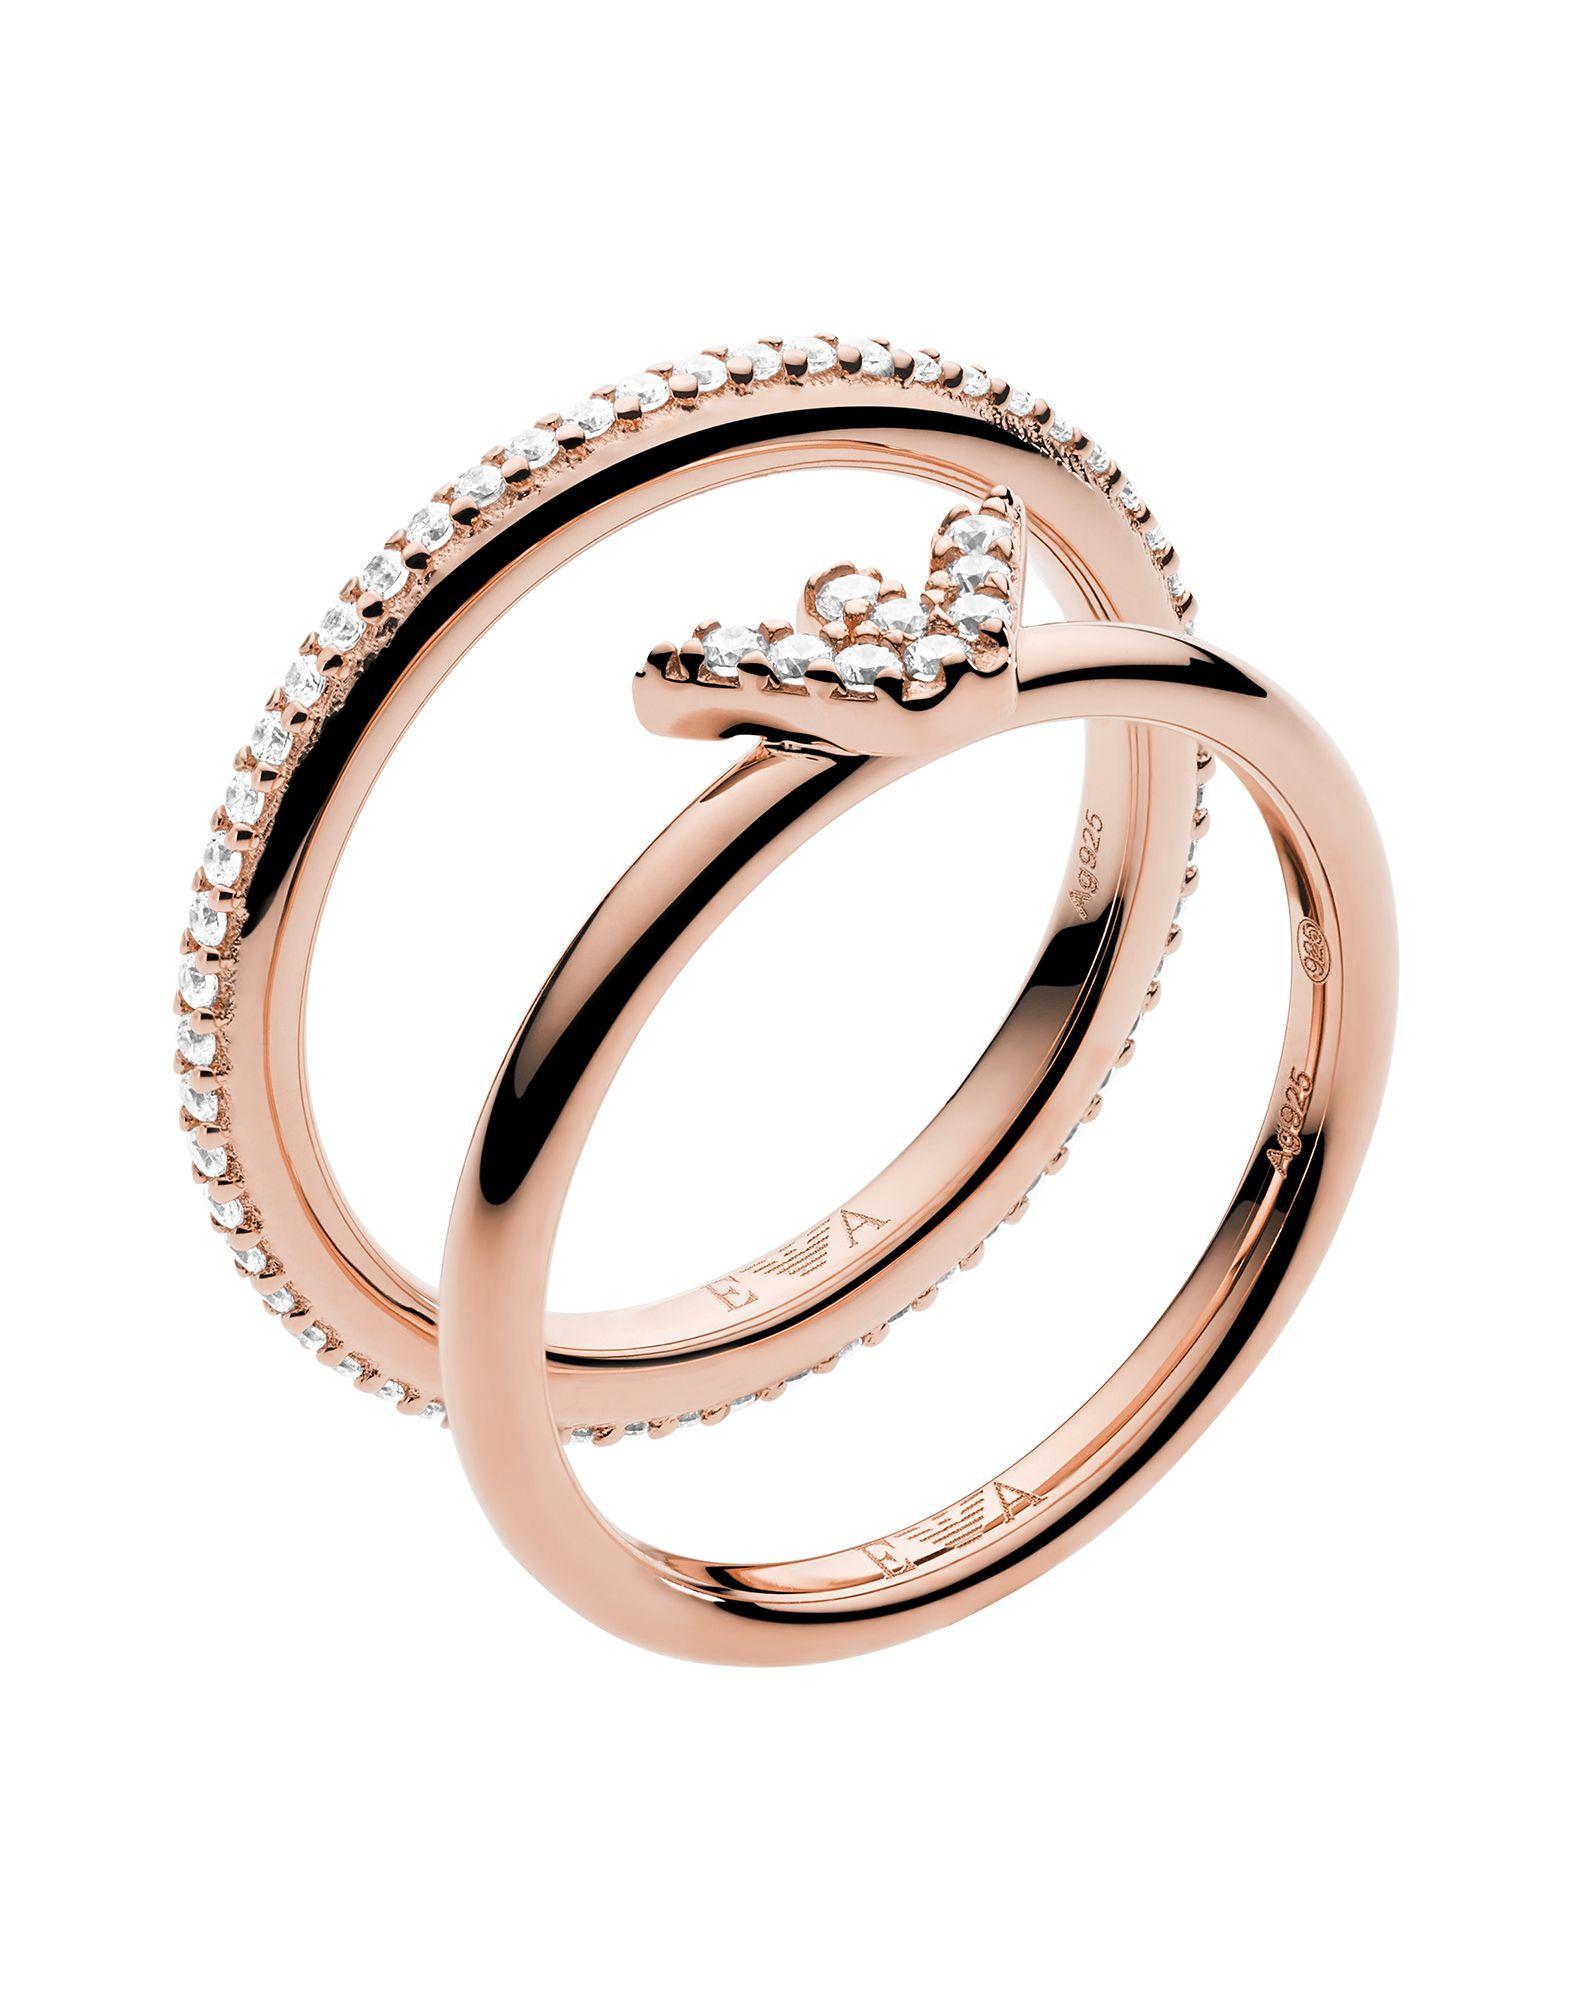 《セール開催中》EMPORIO ARMANI レディース 指輪 カッパー 13 シルバー925/1000 / クリスタル